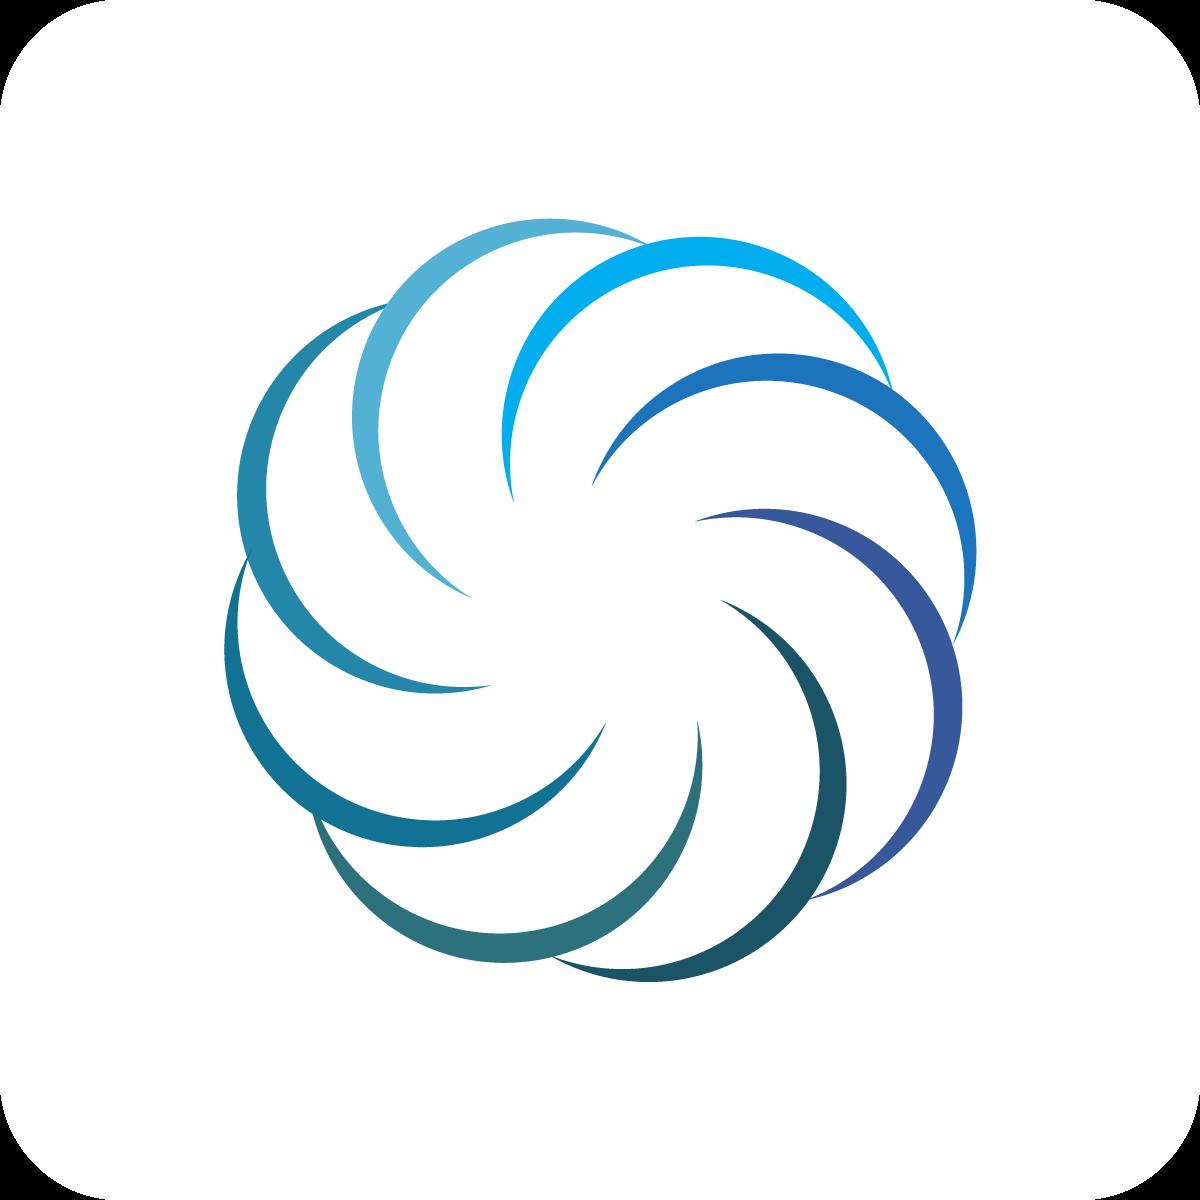 Разработать логотип и экран загрузки приложения фото f_1375ace38aa2d260.png